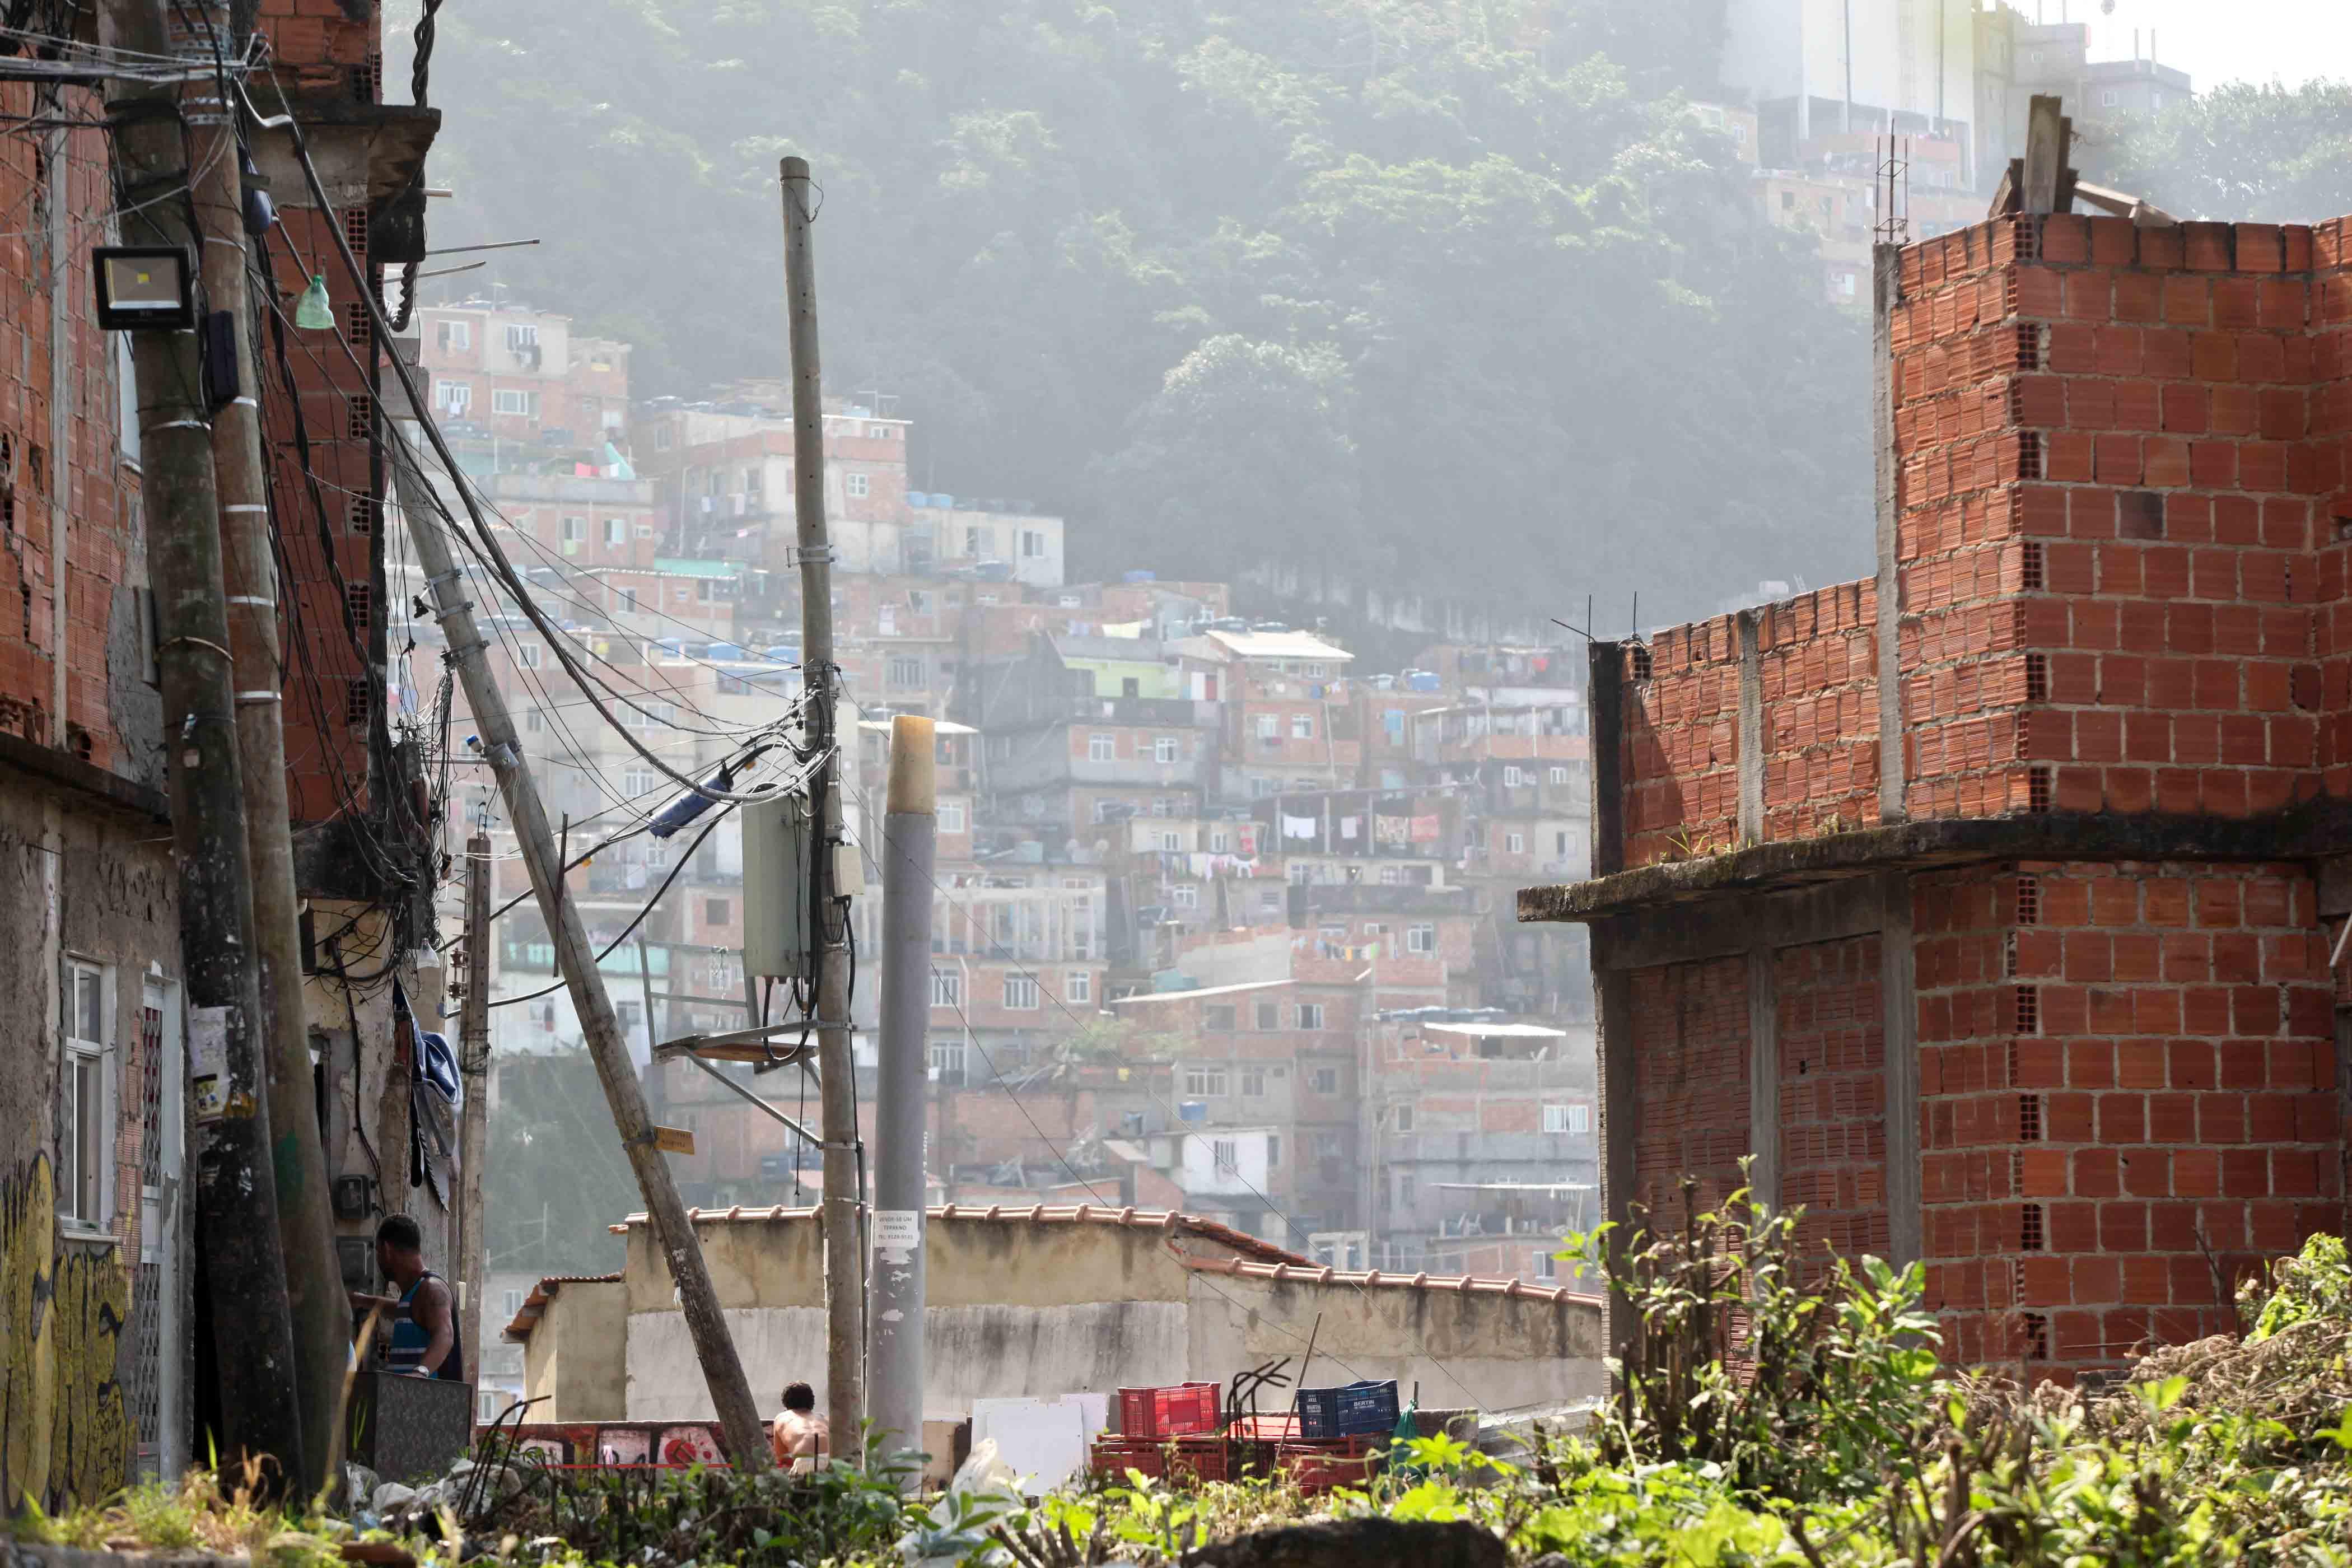 Postes caindo ameaçam a vida dos moradores do complexo de favelas Pavão-Pavãozinho-Cantagalo